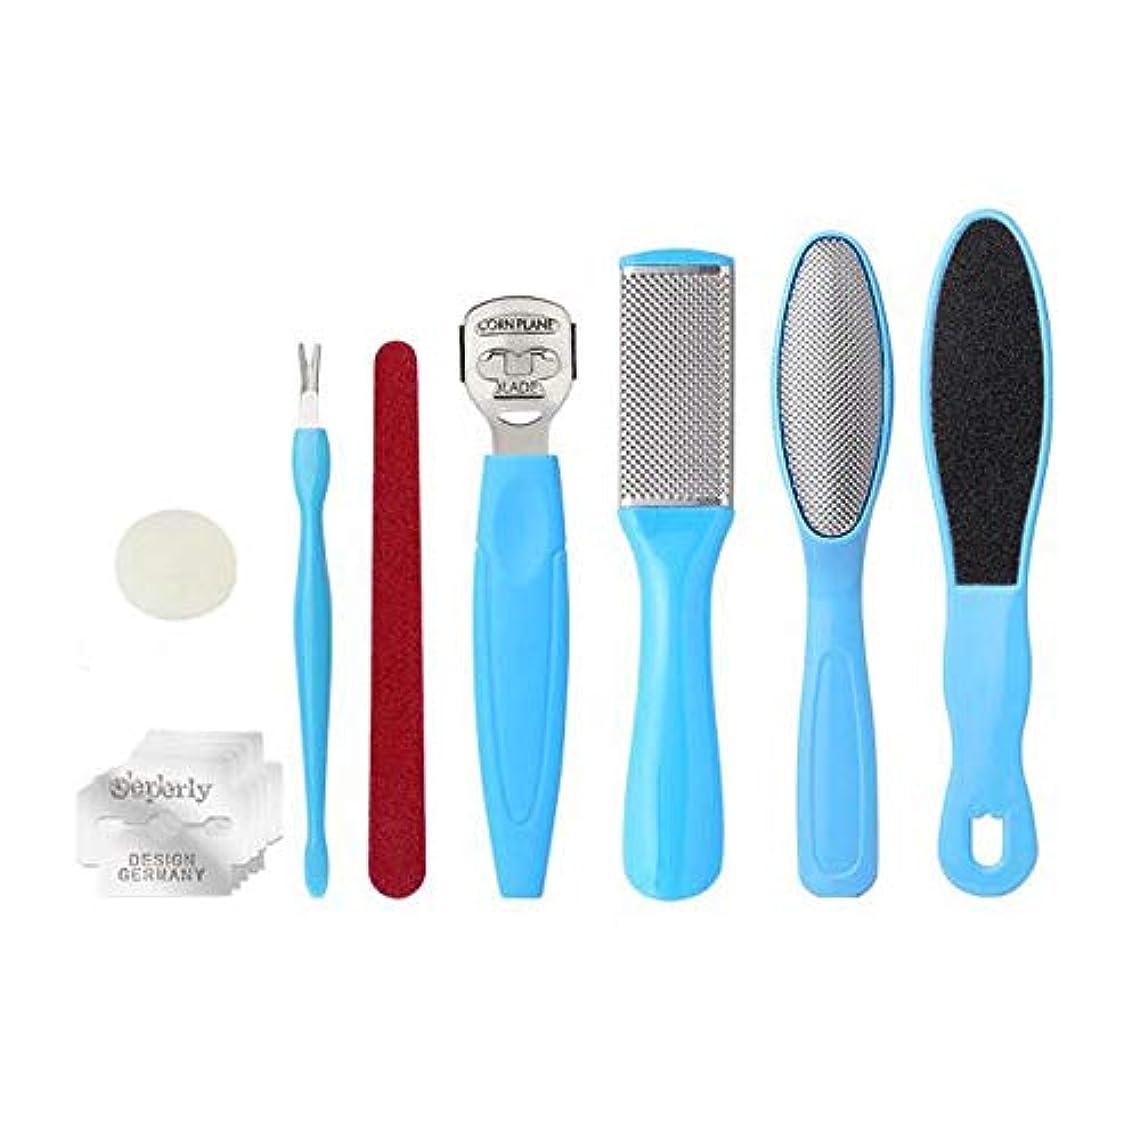 商業の沿ってレギュラーJielongtongxun スクラッチフットペディキュア、足の皮膚剥離プロフェッショナルステンレススチールエクスフォリエイティング皮膚剥離、ウェットとドライ世帯エイトインワンスーツに適し ,足の皮膚の負担を軽減 (Color : Blue, Size : 17.6CM)